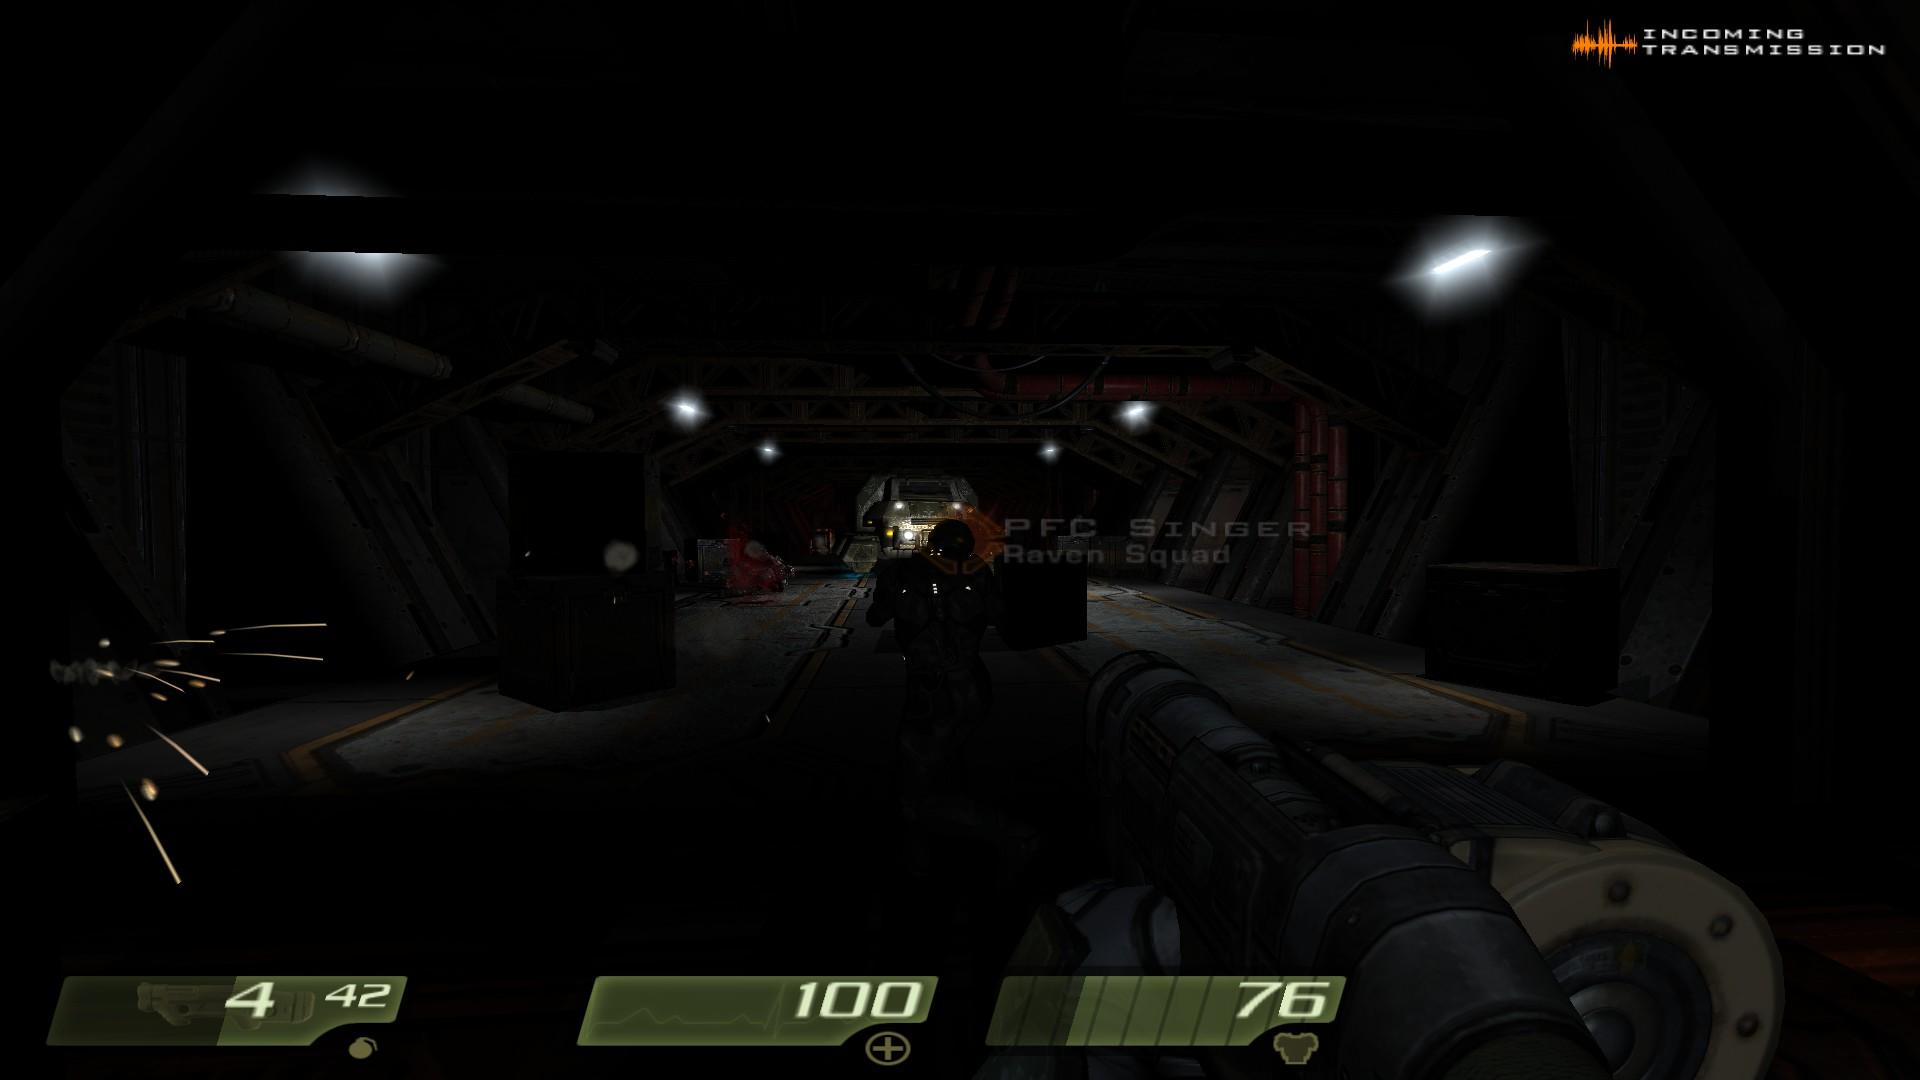 Image 2 - Quake 4 Redux mod for Quake 4 - Mod DB